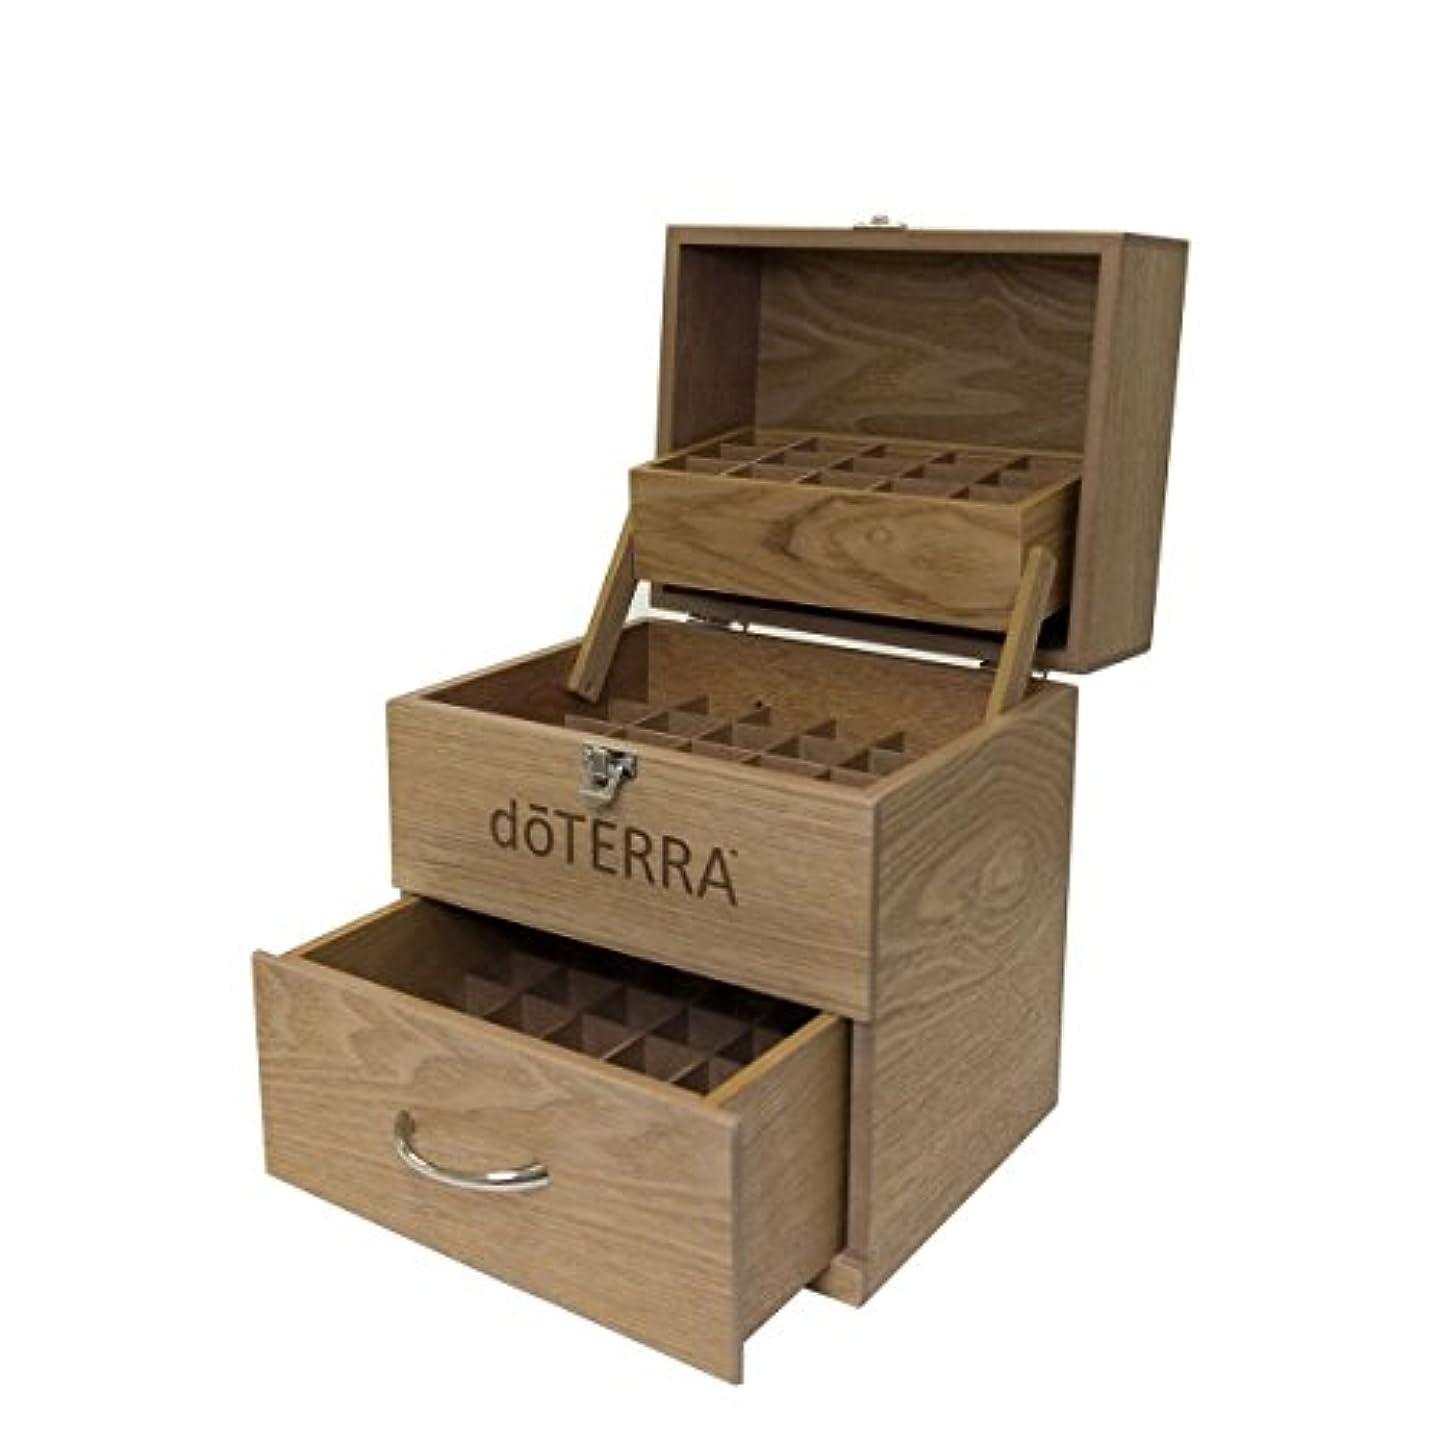 原理武器あそこ(ドテラ) doTERRA ウッドボックス ライトブラウン 窓付き 木箱 エッセンシャルオイル 精油 整理箱 3段ボックス 75本